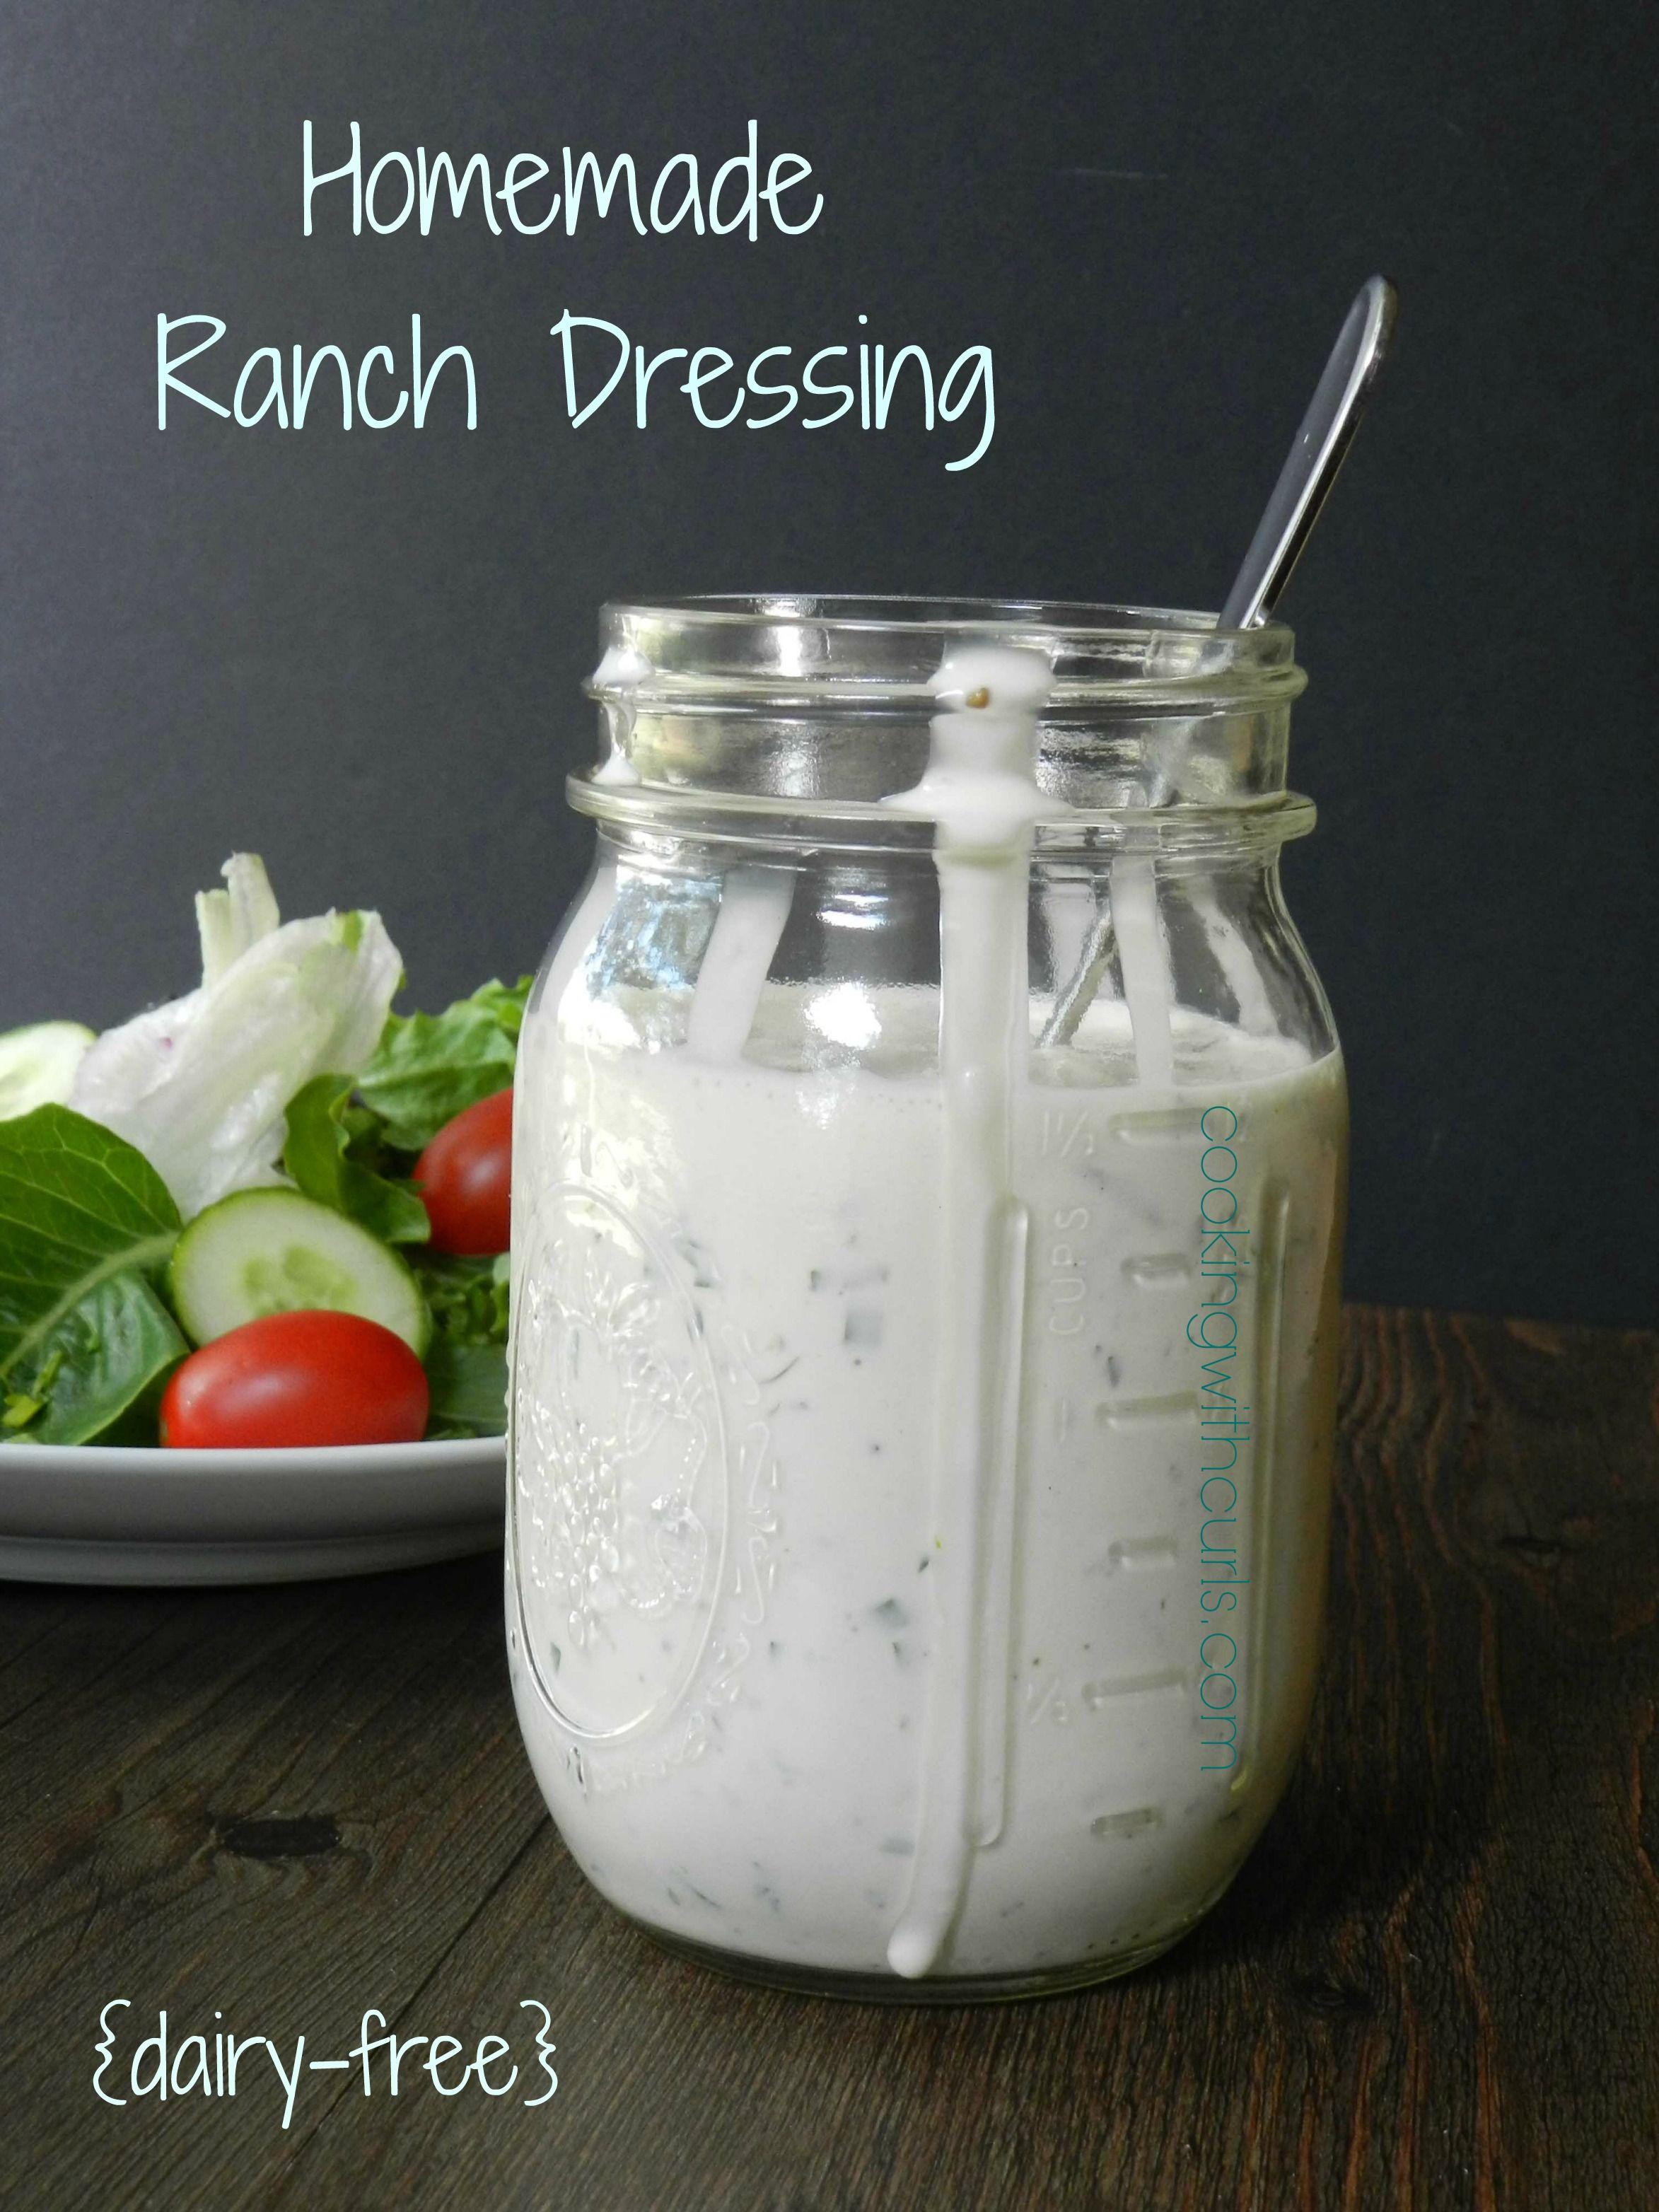 Homemade Ranch Dressing Recipe Gf Df For Life No Dairy